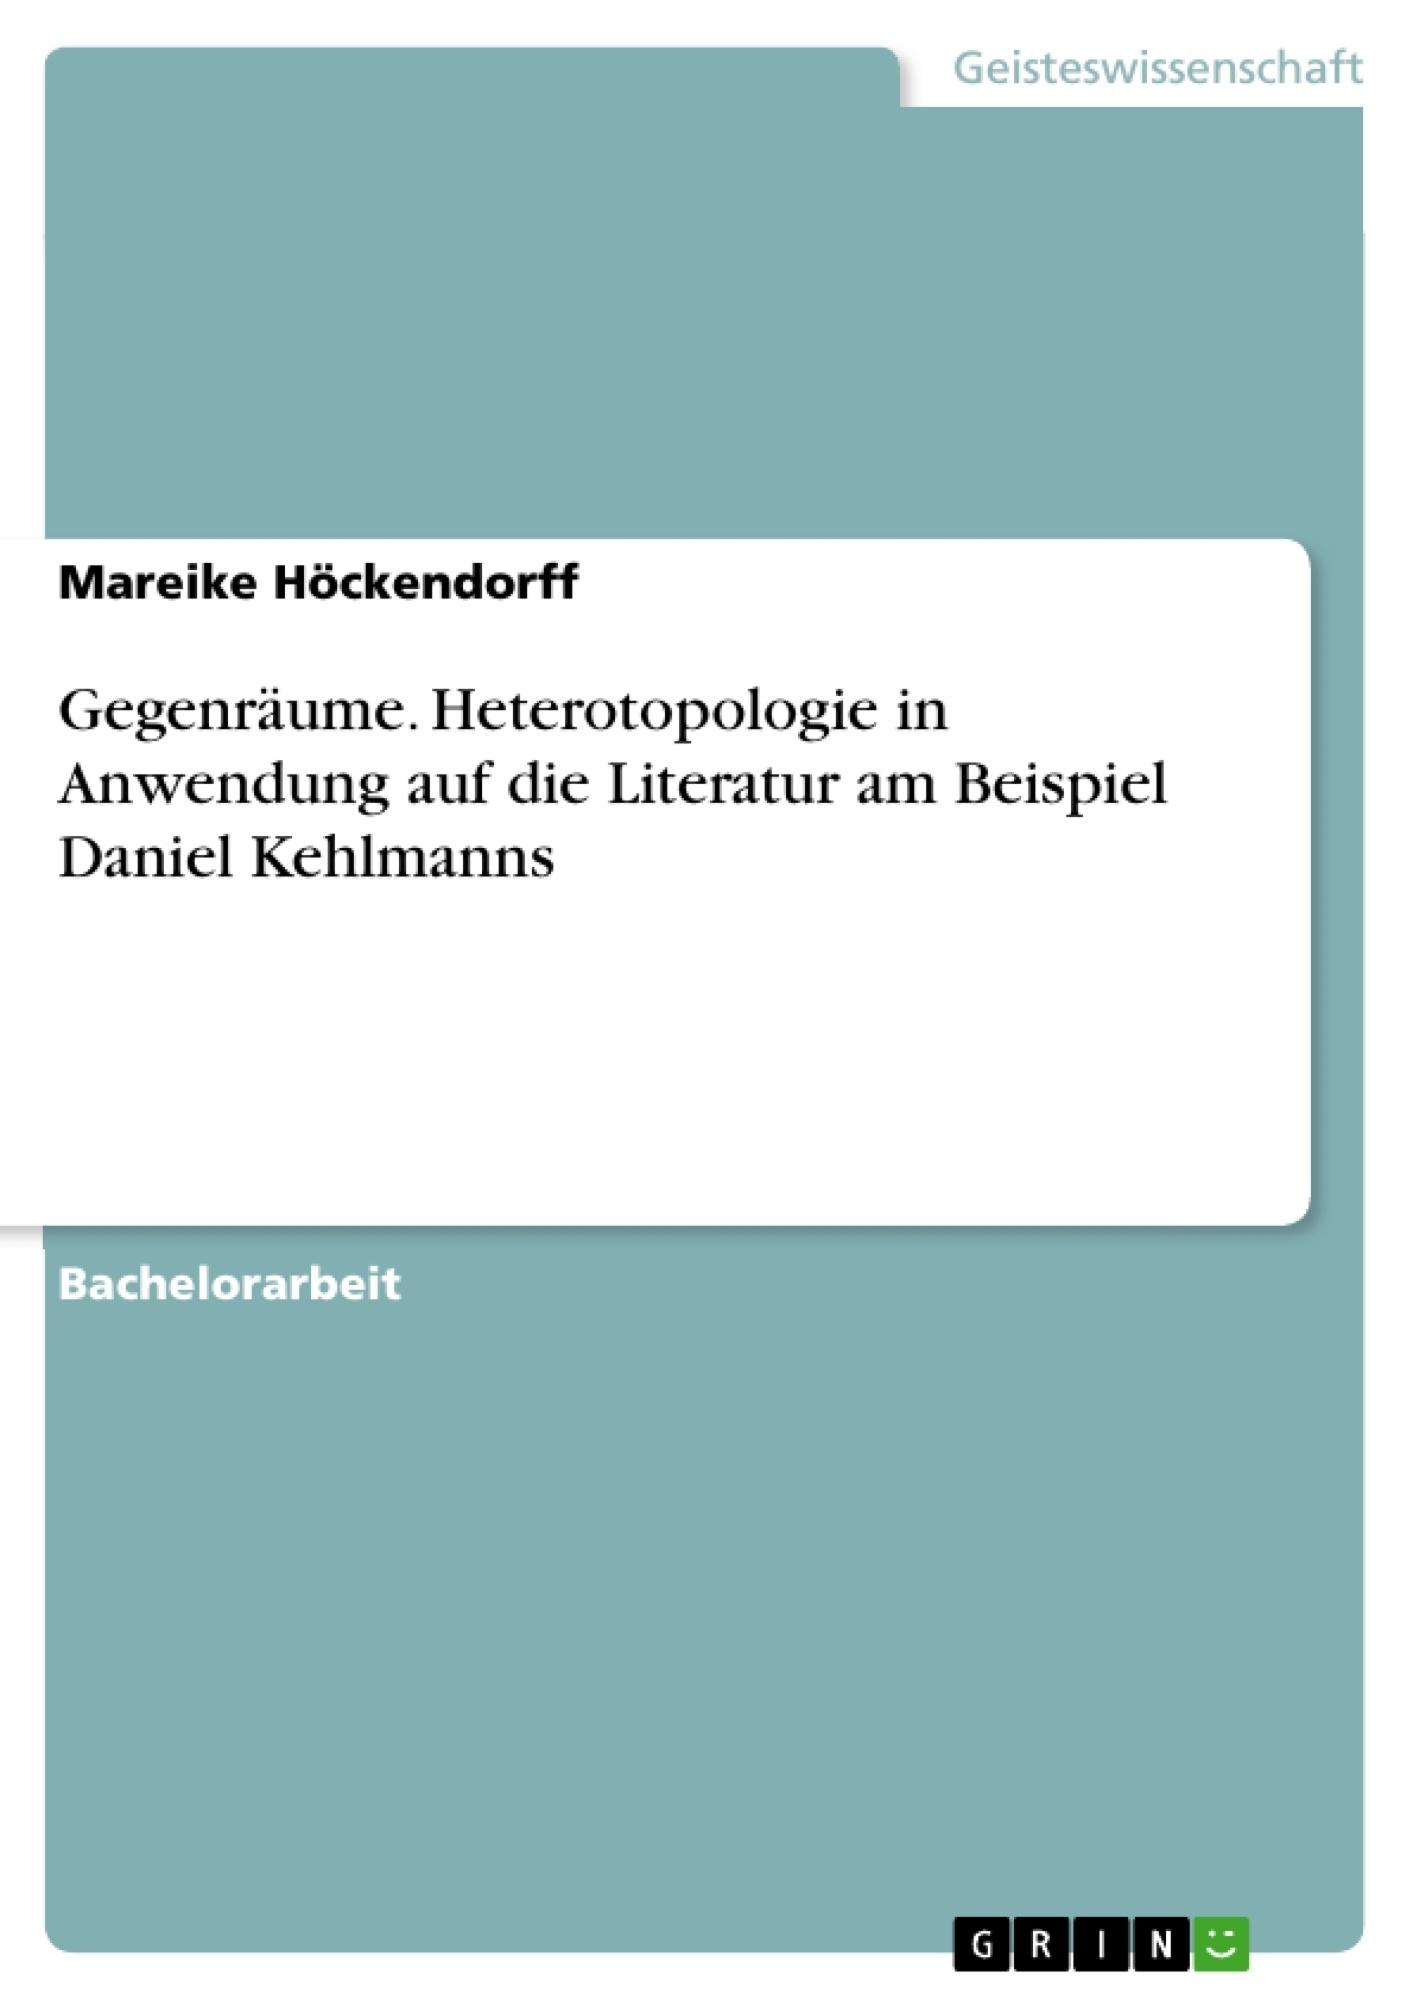 Titel: Gegenräume. Heterotopologie in Anwendung auf die Literatur am Beispiel Daniel Kehlmanns